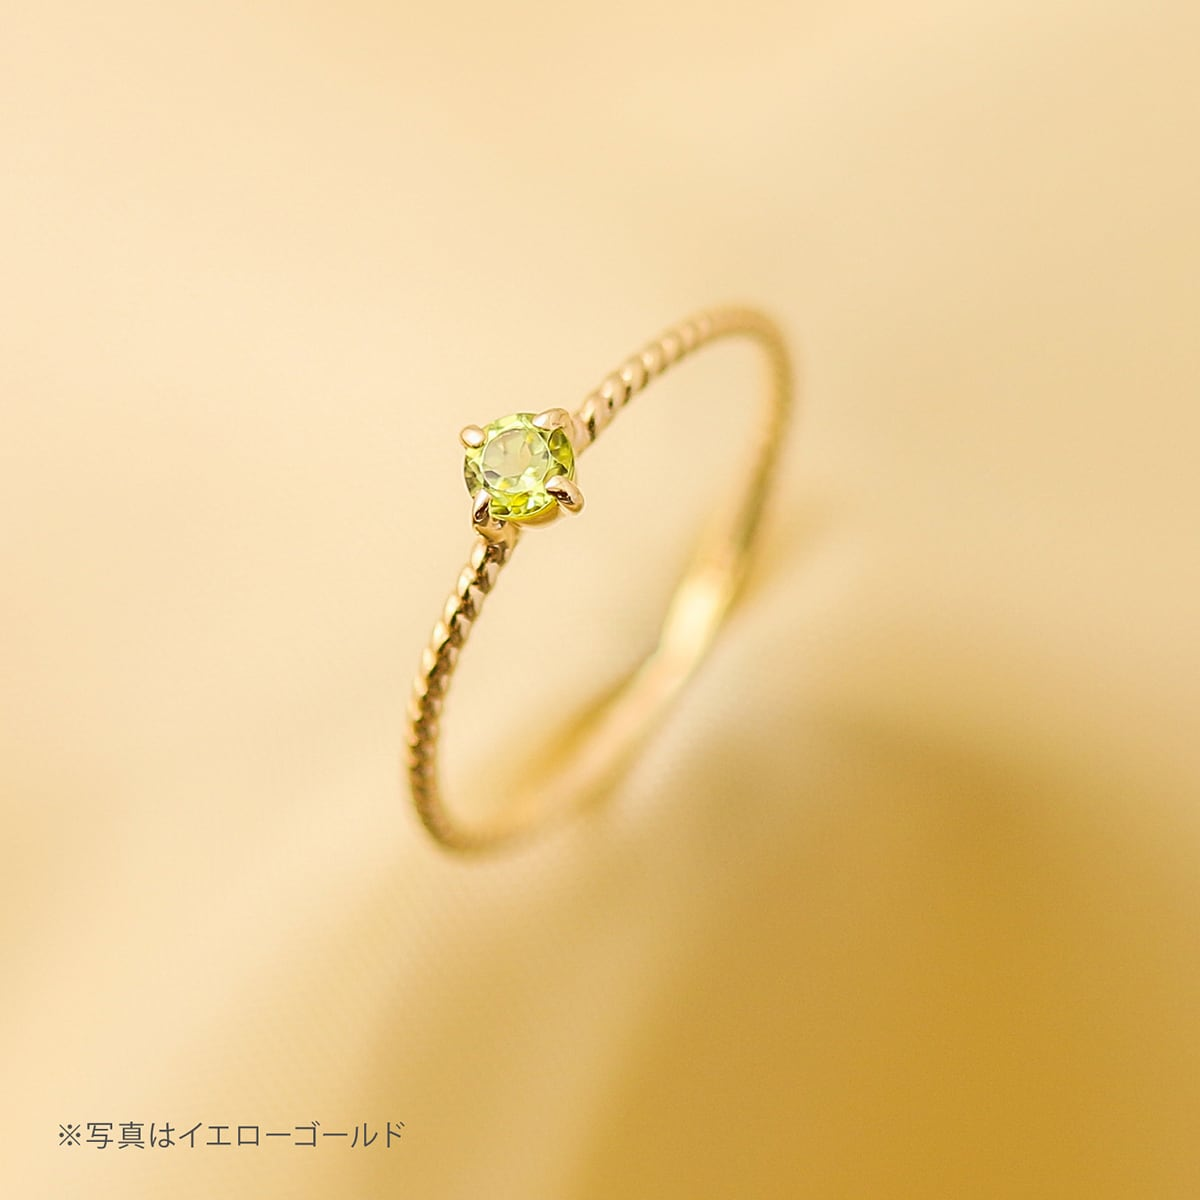 ペリドット 8月誕生石 リング k18 イエローゴールド ホワイトゴールド ピンクゴールド ファッションリング 品質保証書 金属アレルギー 日本製 誕生日 ギフトDE2W9YbIeH